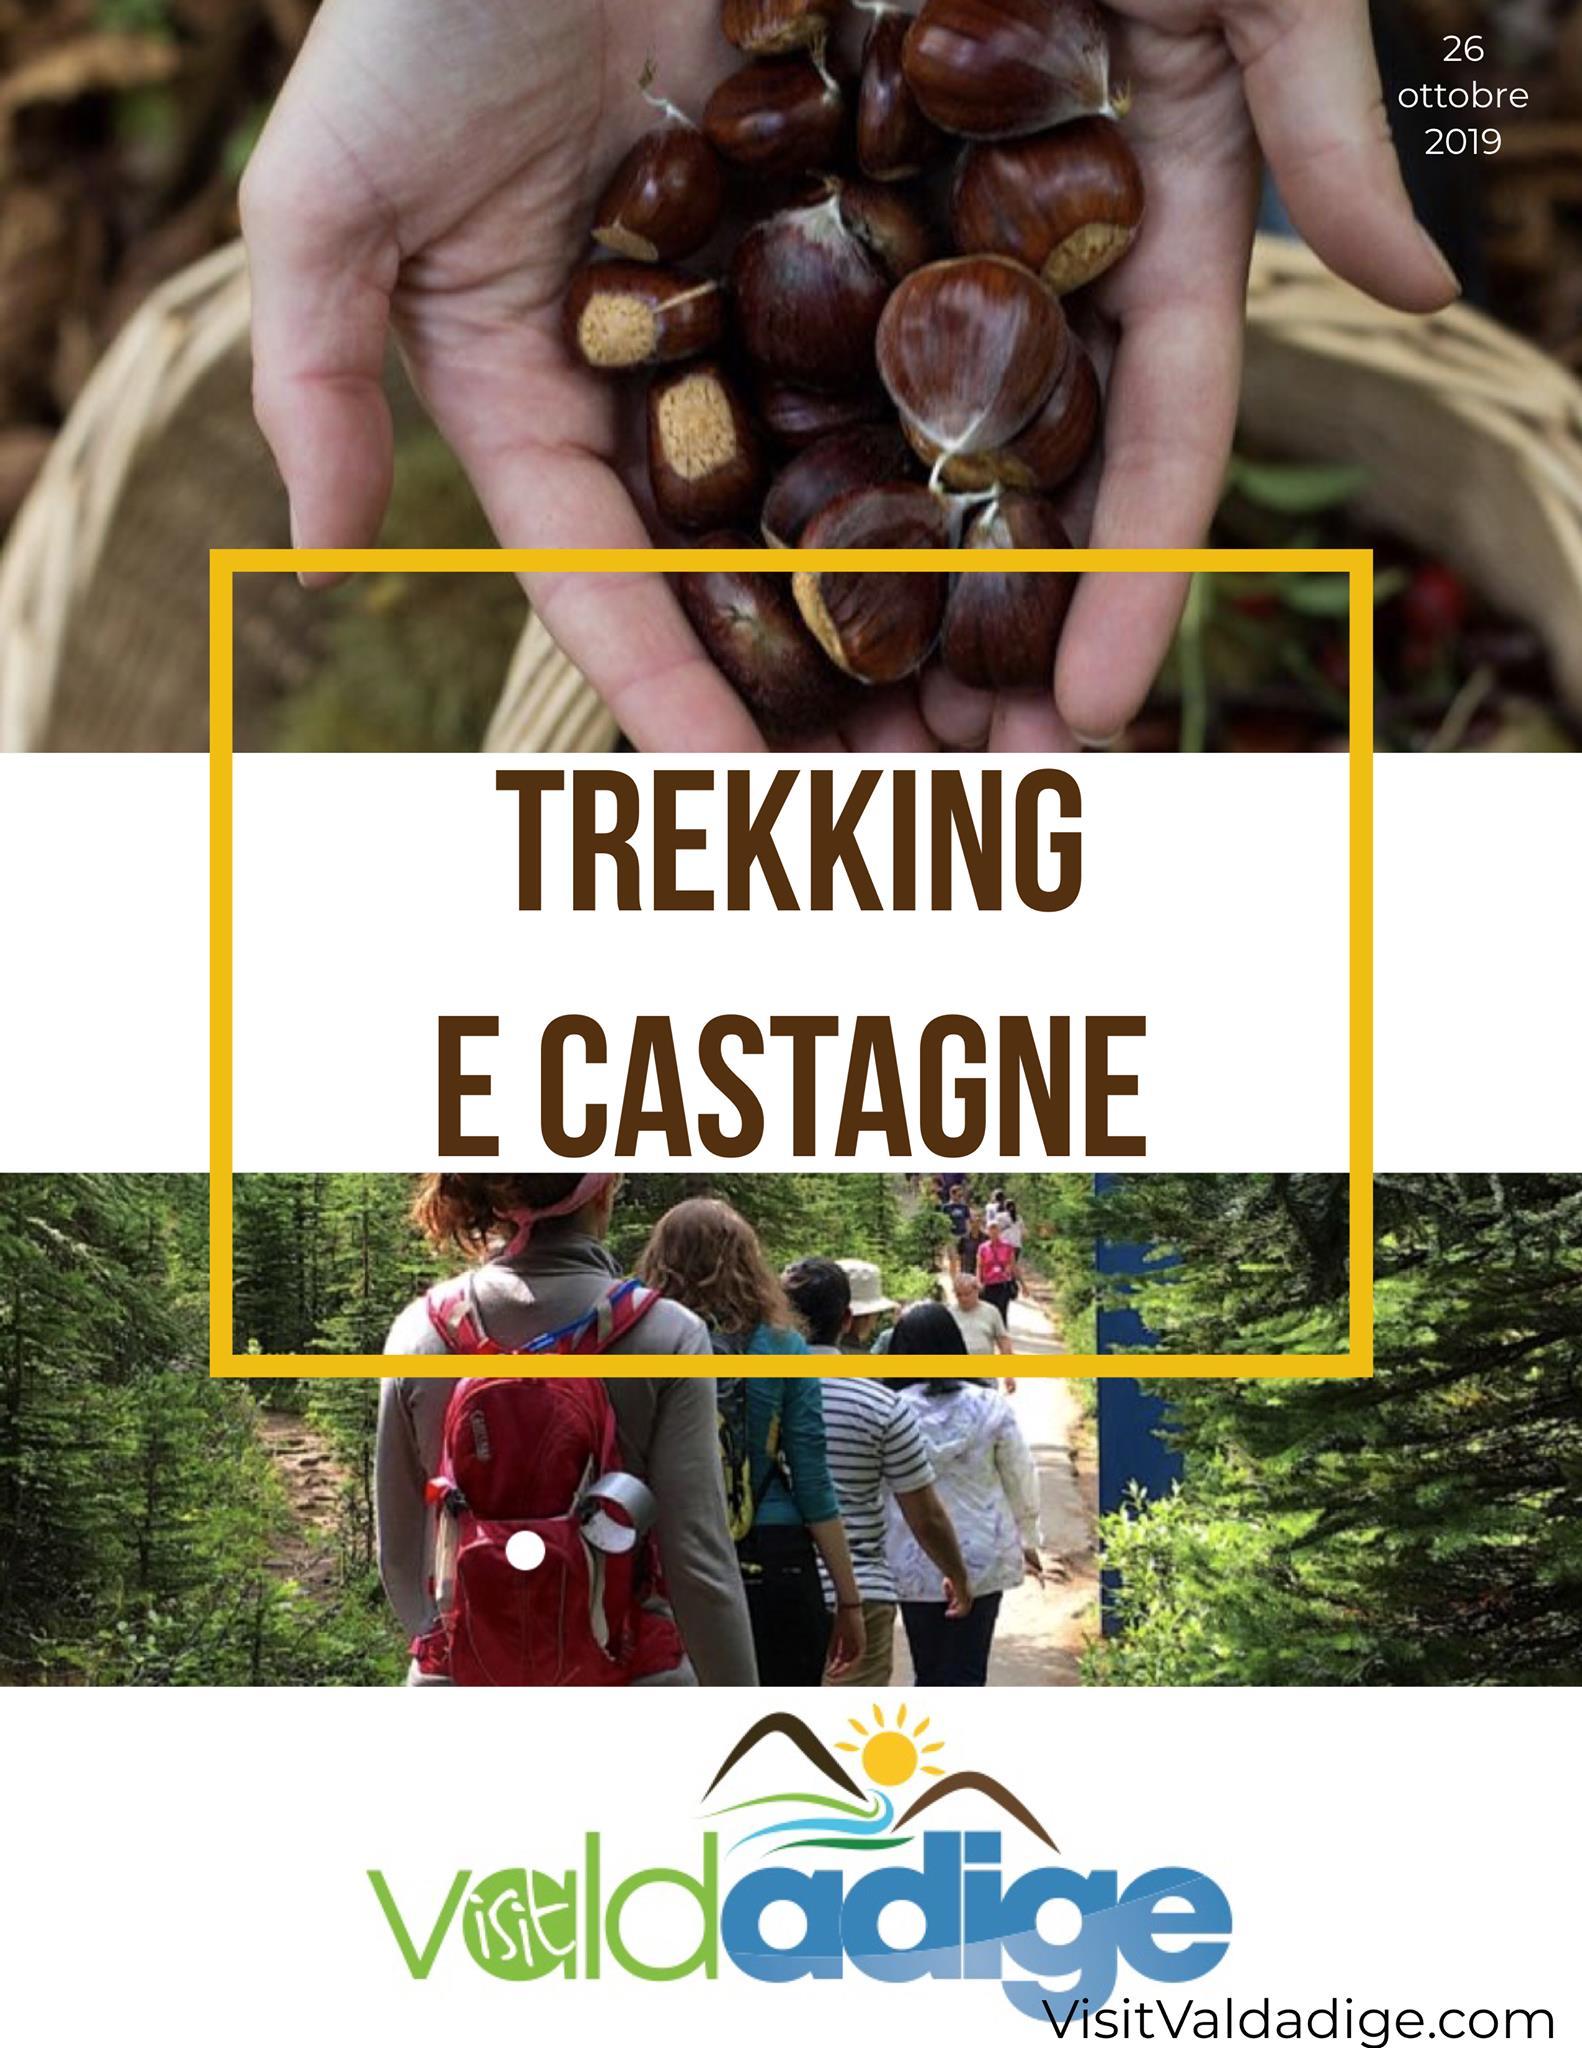 sabato 26 ottobre 2019 TREKKING nei boschi, raccolta Castagne, e poi del buon V...